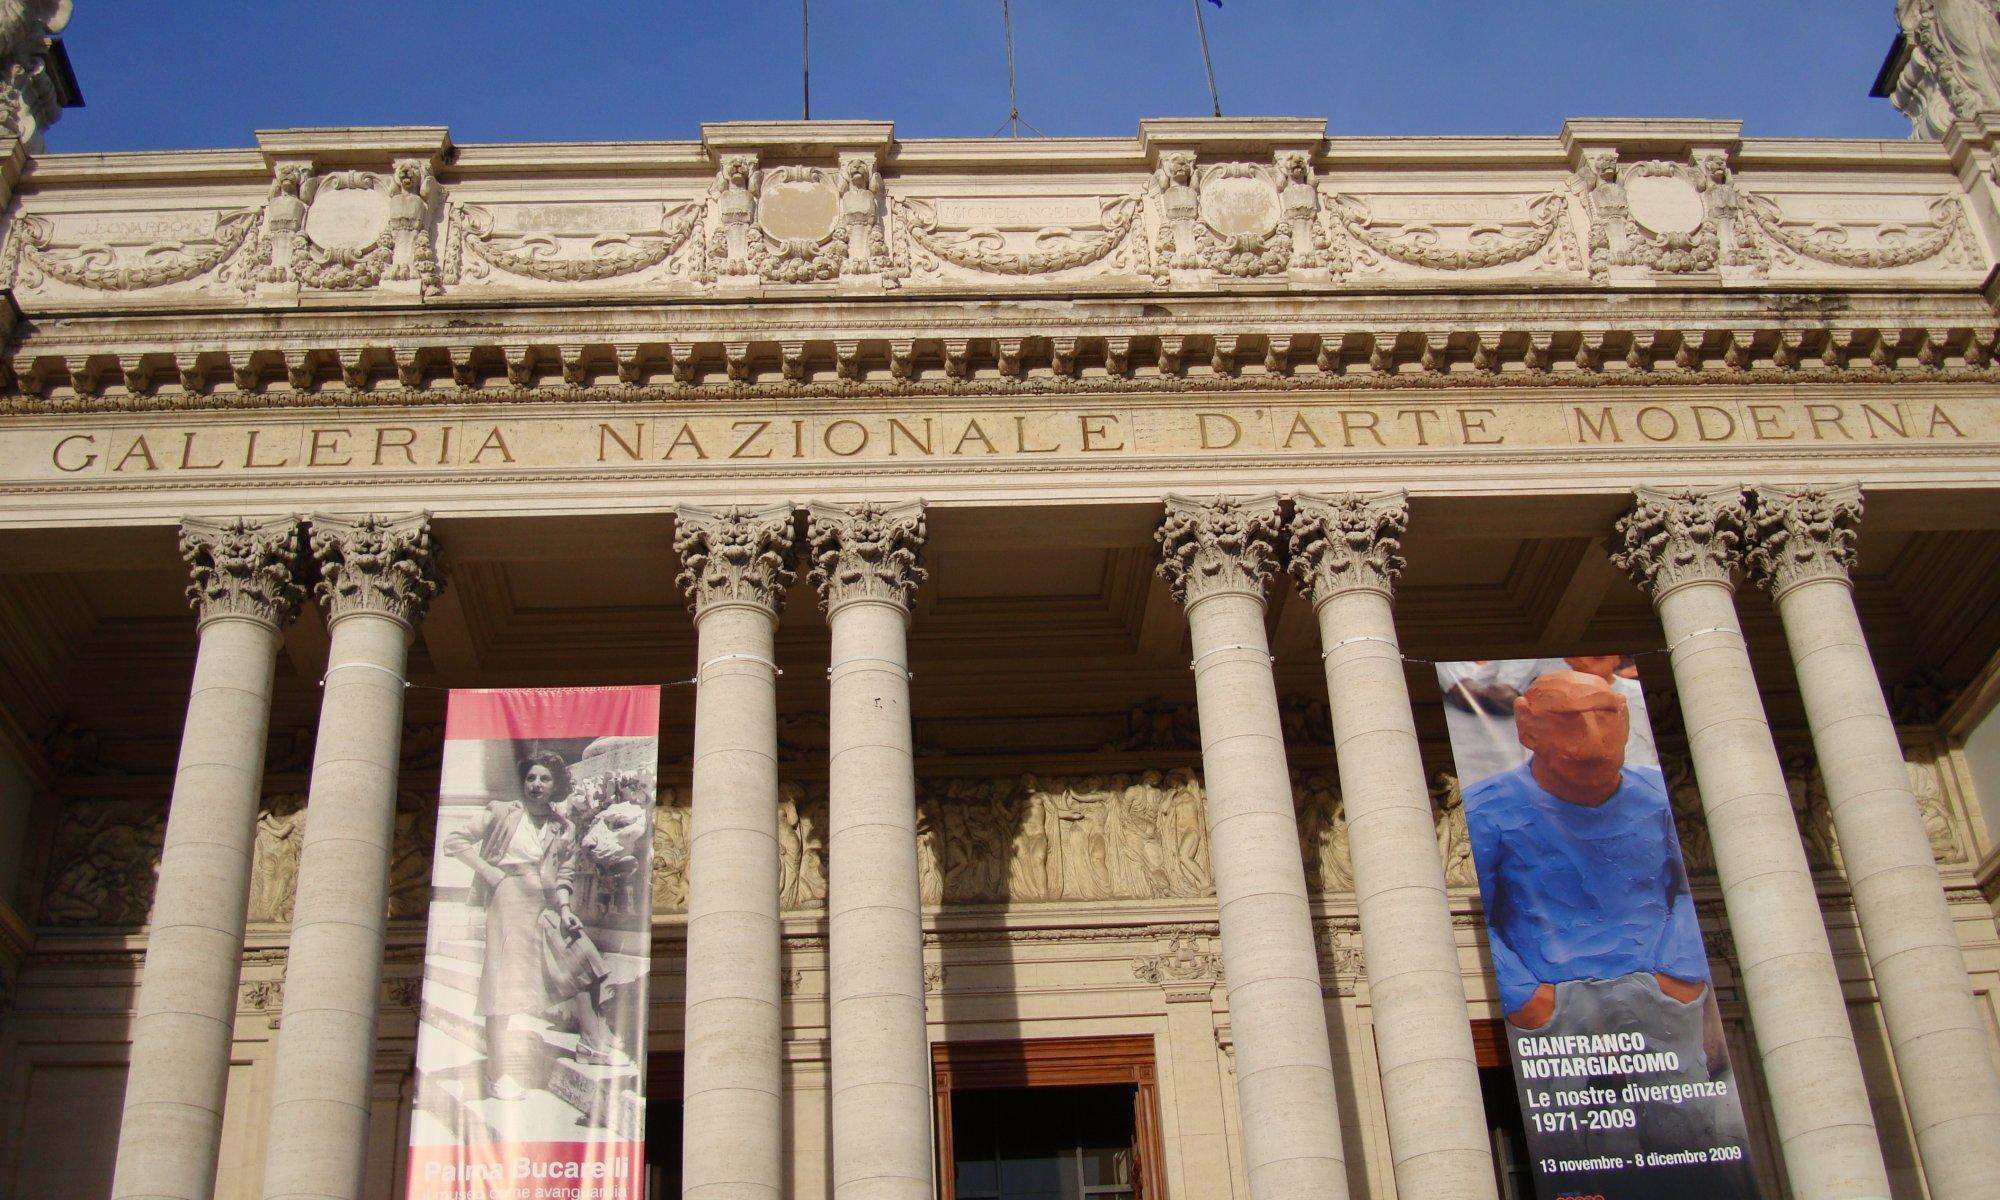 Galleria Nazionale, Roma